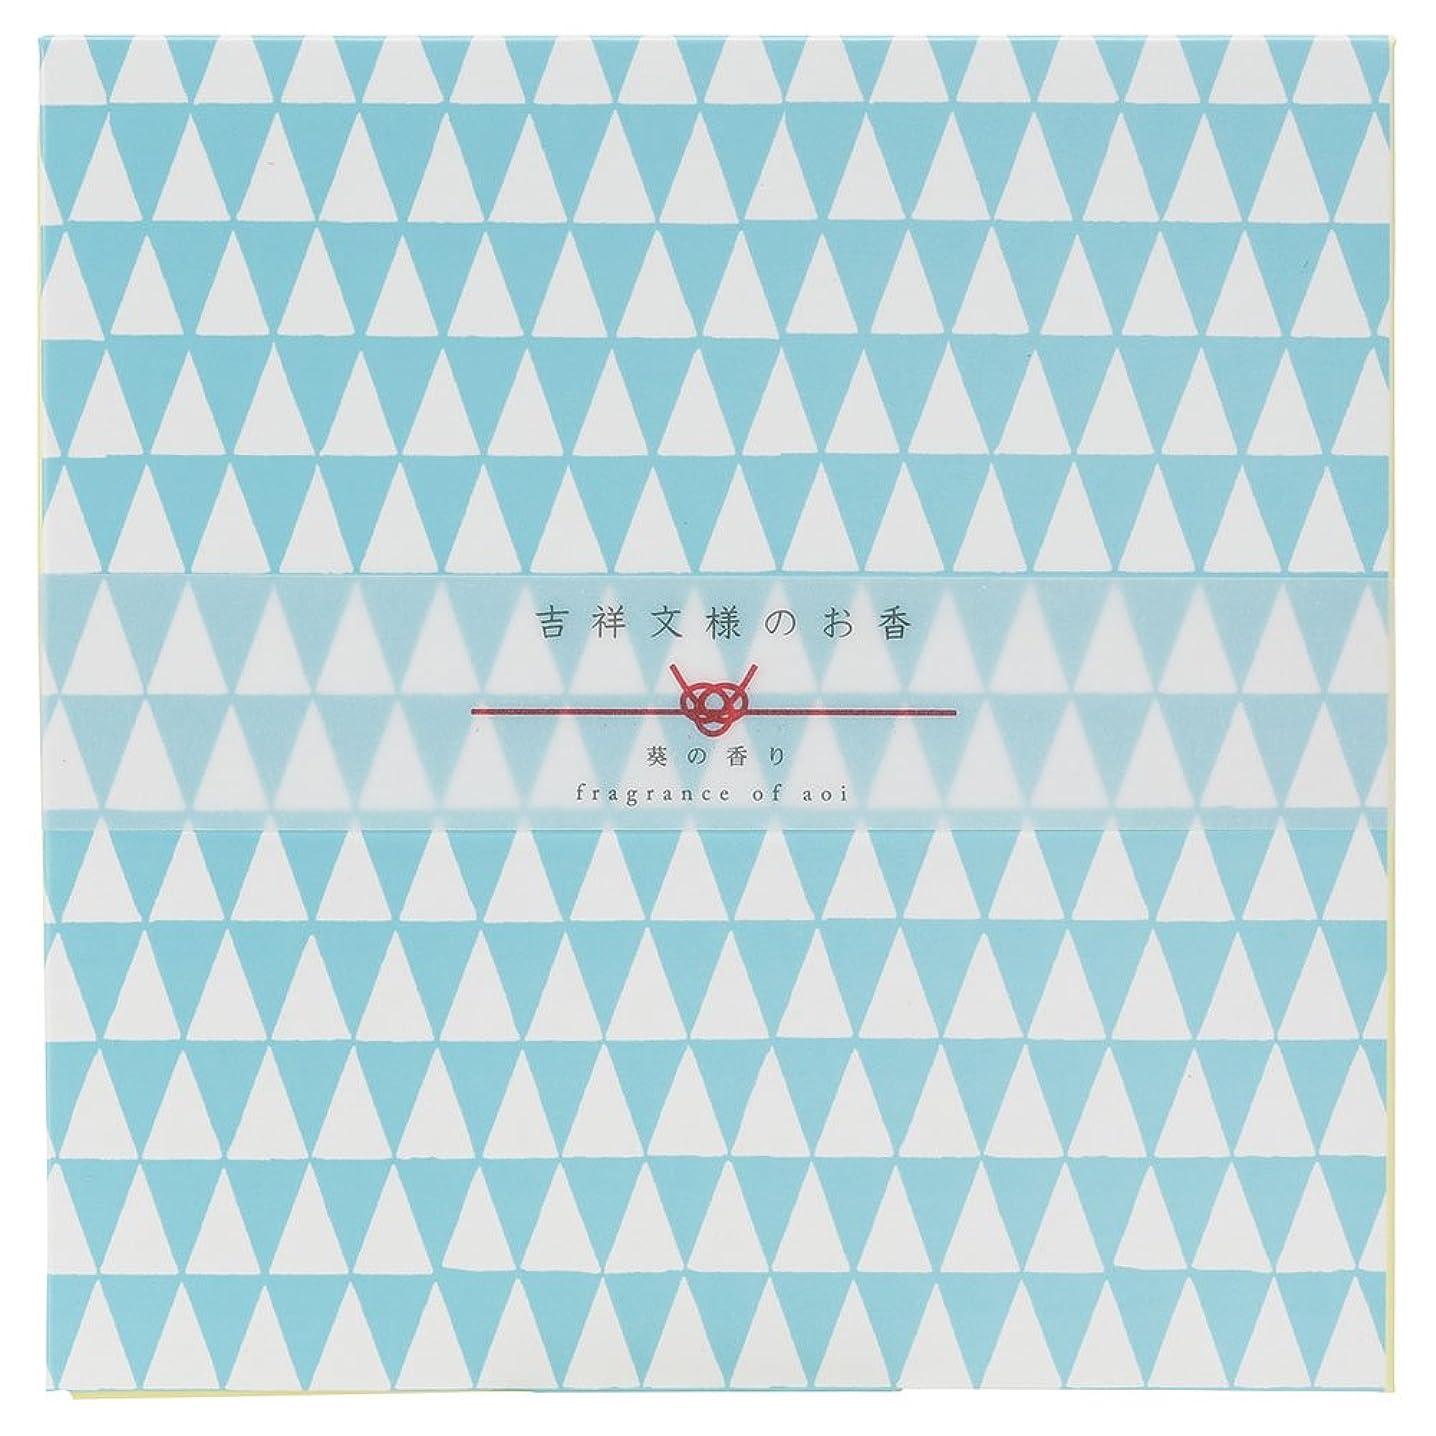 爆弾ツール旅客ノルコーポレーション お香 吉祥文様のお香 香立て付き 葵 OI-API-1-1